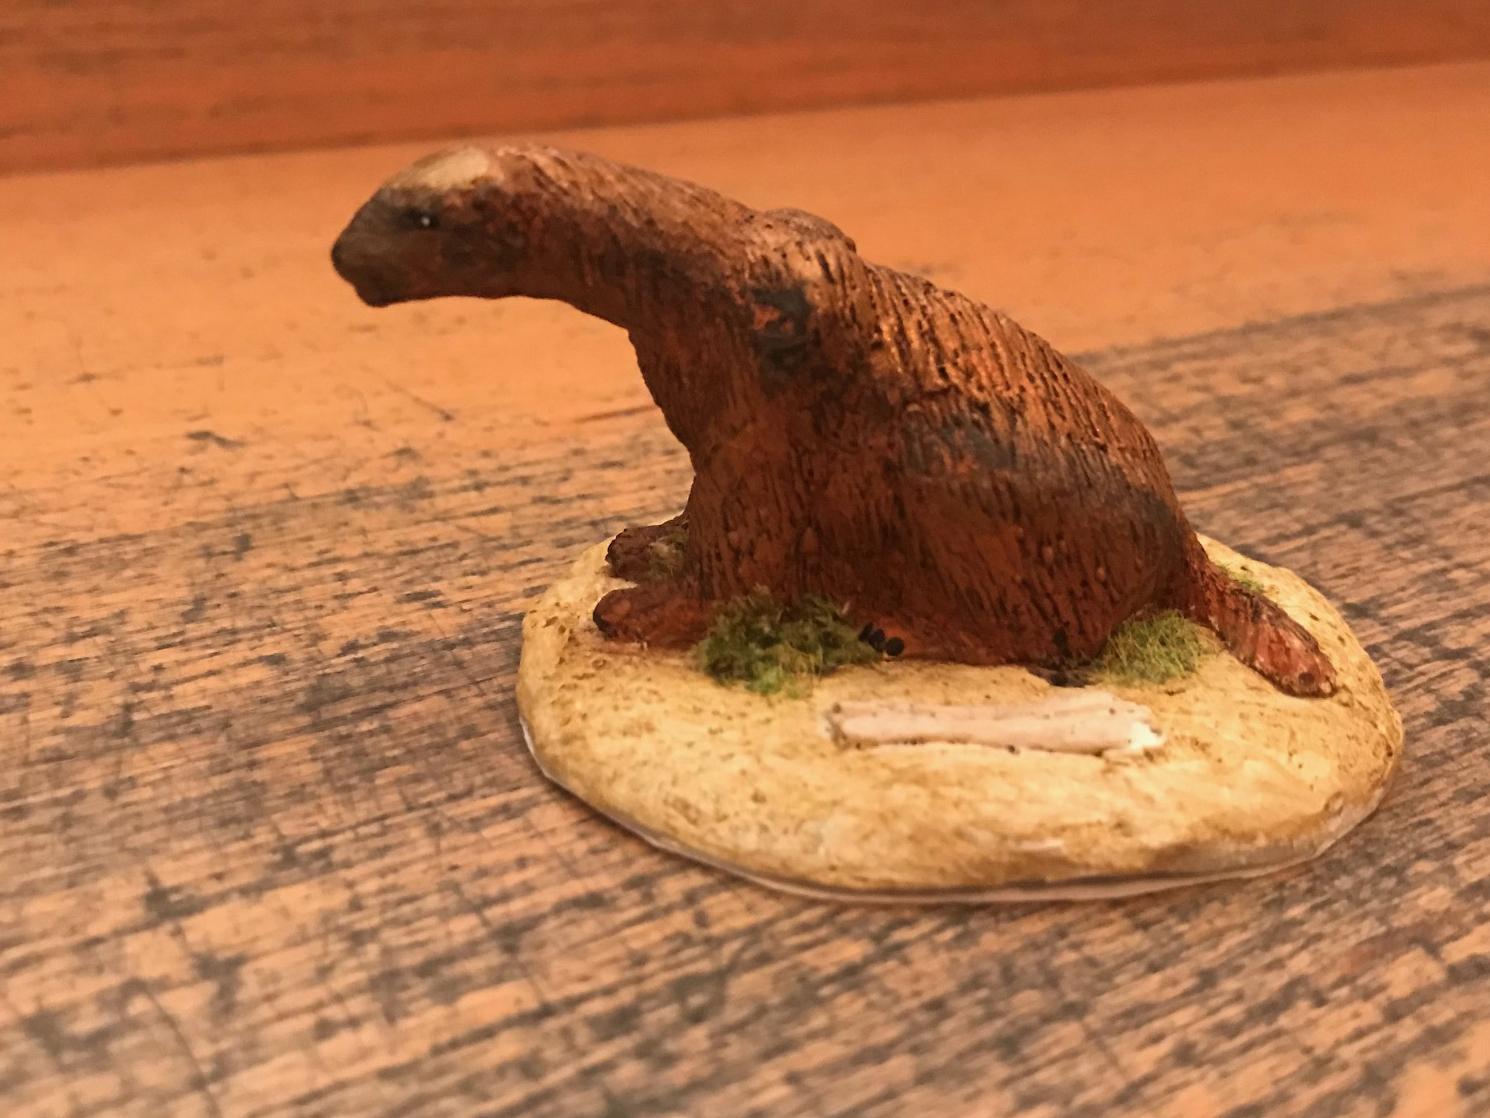 """Eomellivora piveteaui, reproducción artesanal pintada a mano edición limitada del """"tejón gigante"""" del Mioceno."""